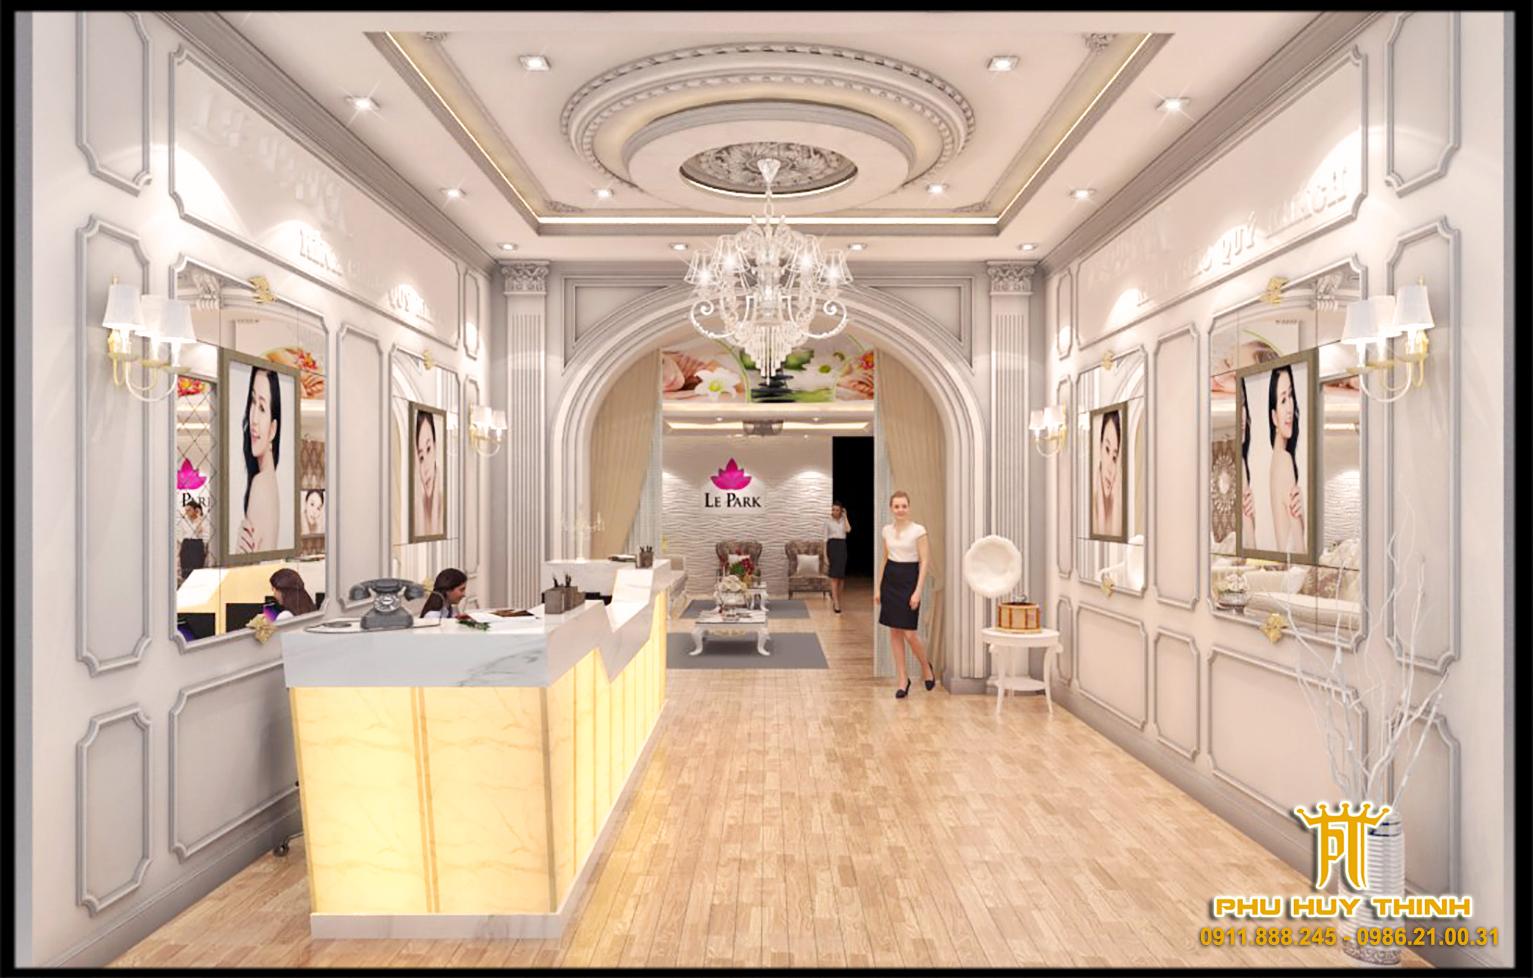 thiết kế nội thất Spa tại Đà Nẵng Le Park Spa 3 1537532063